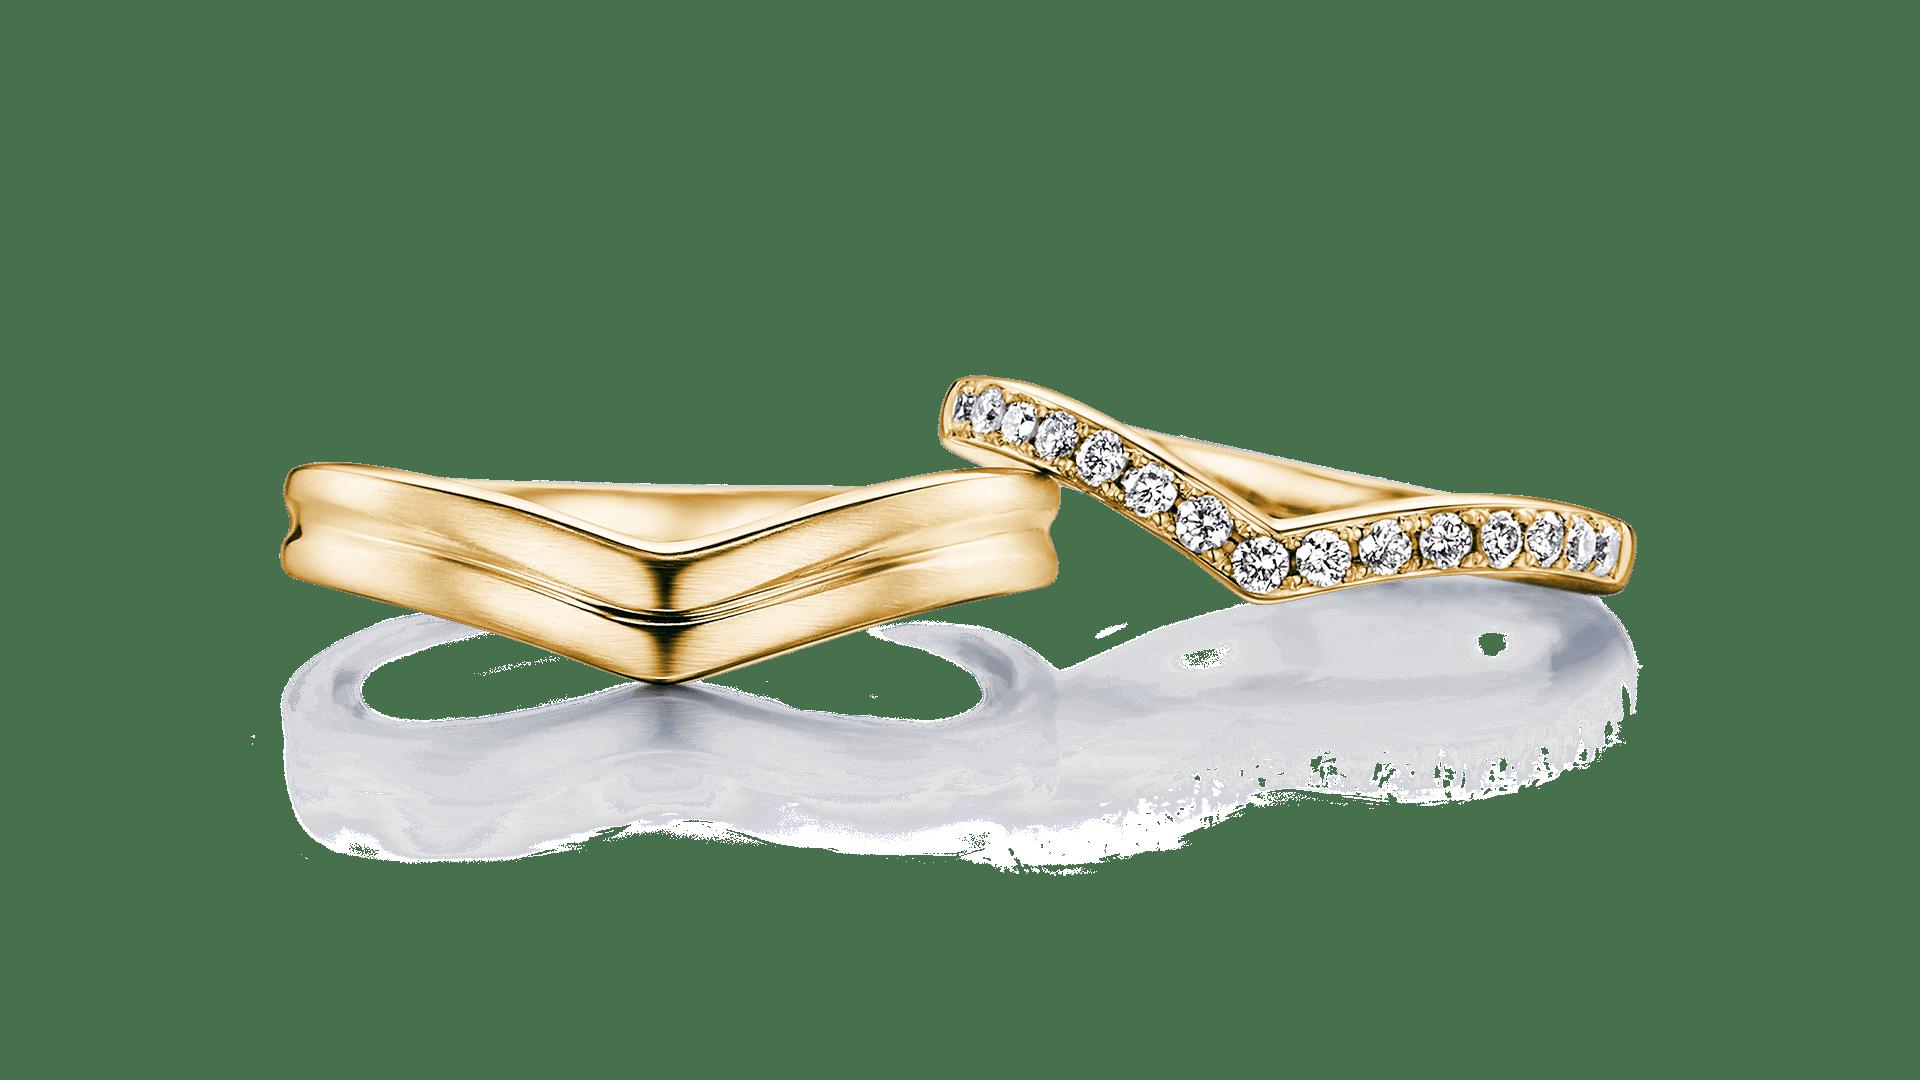 hatur ハトゥール | 結婚指輪サムネイル 1